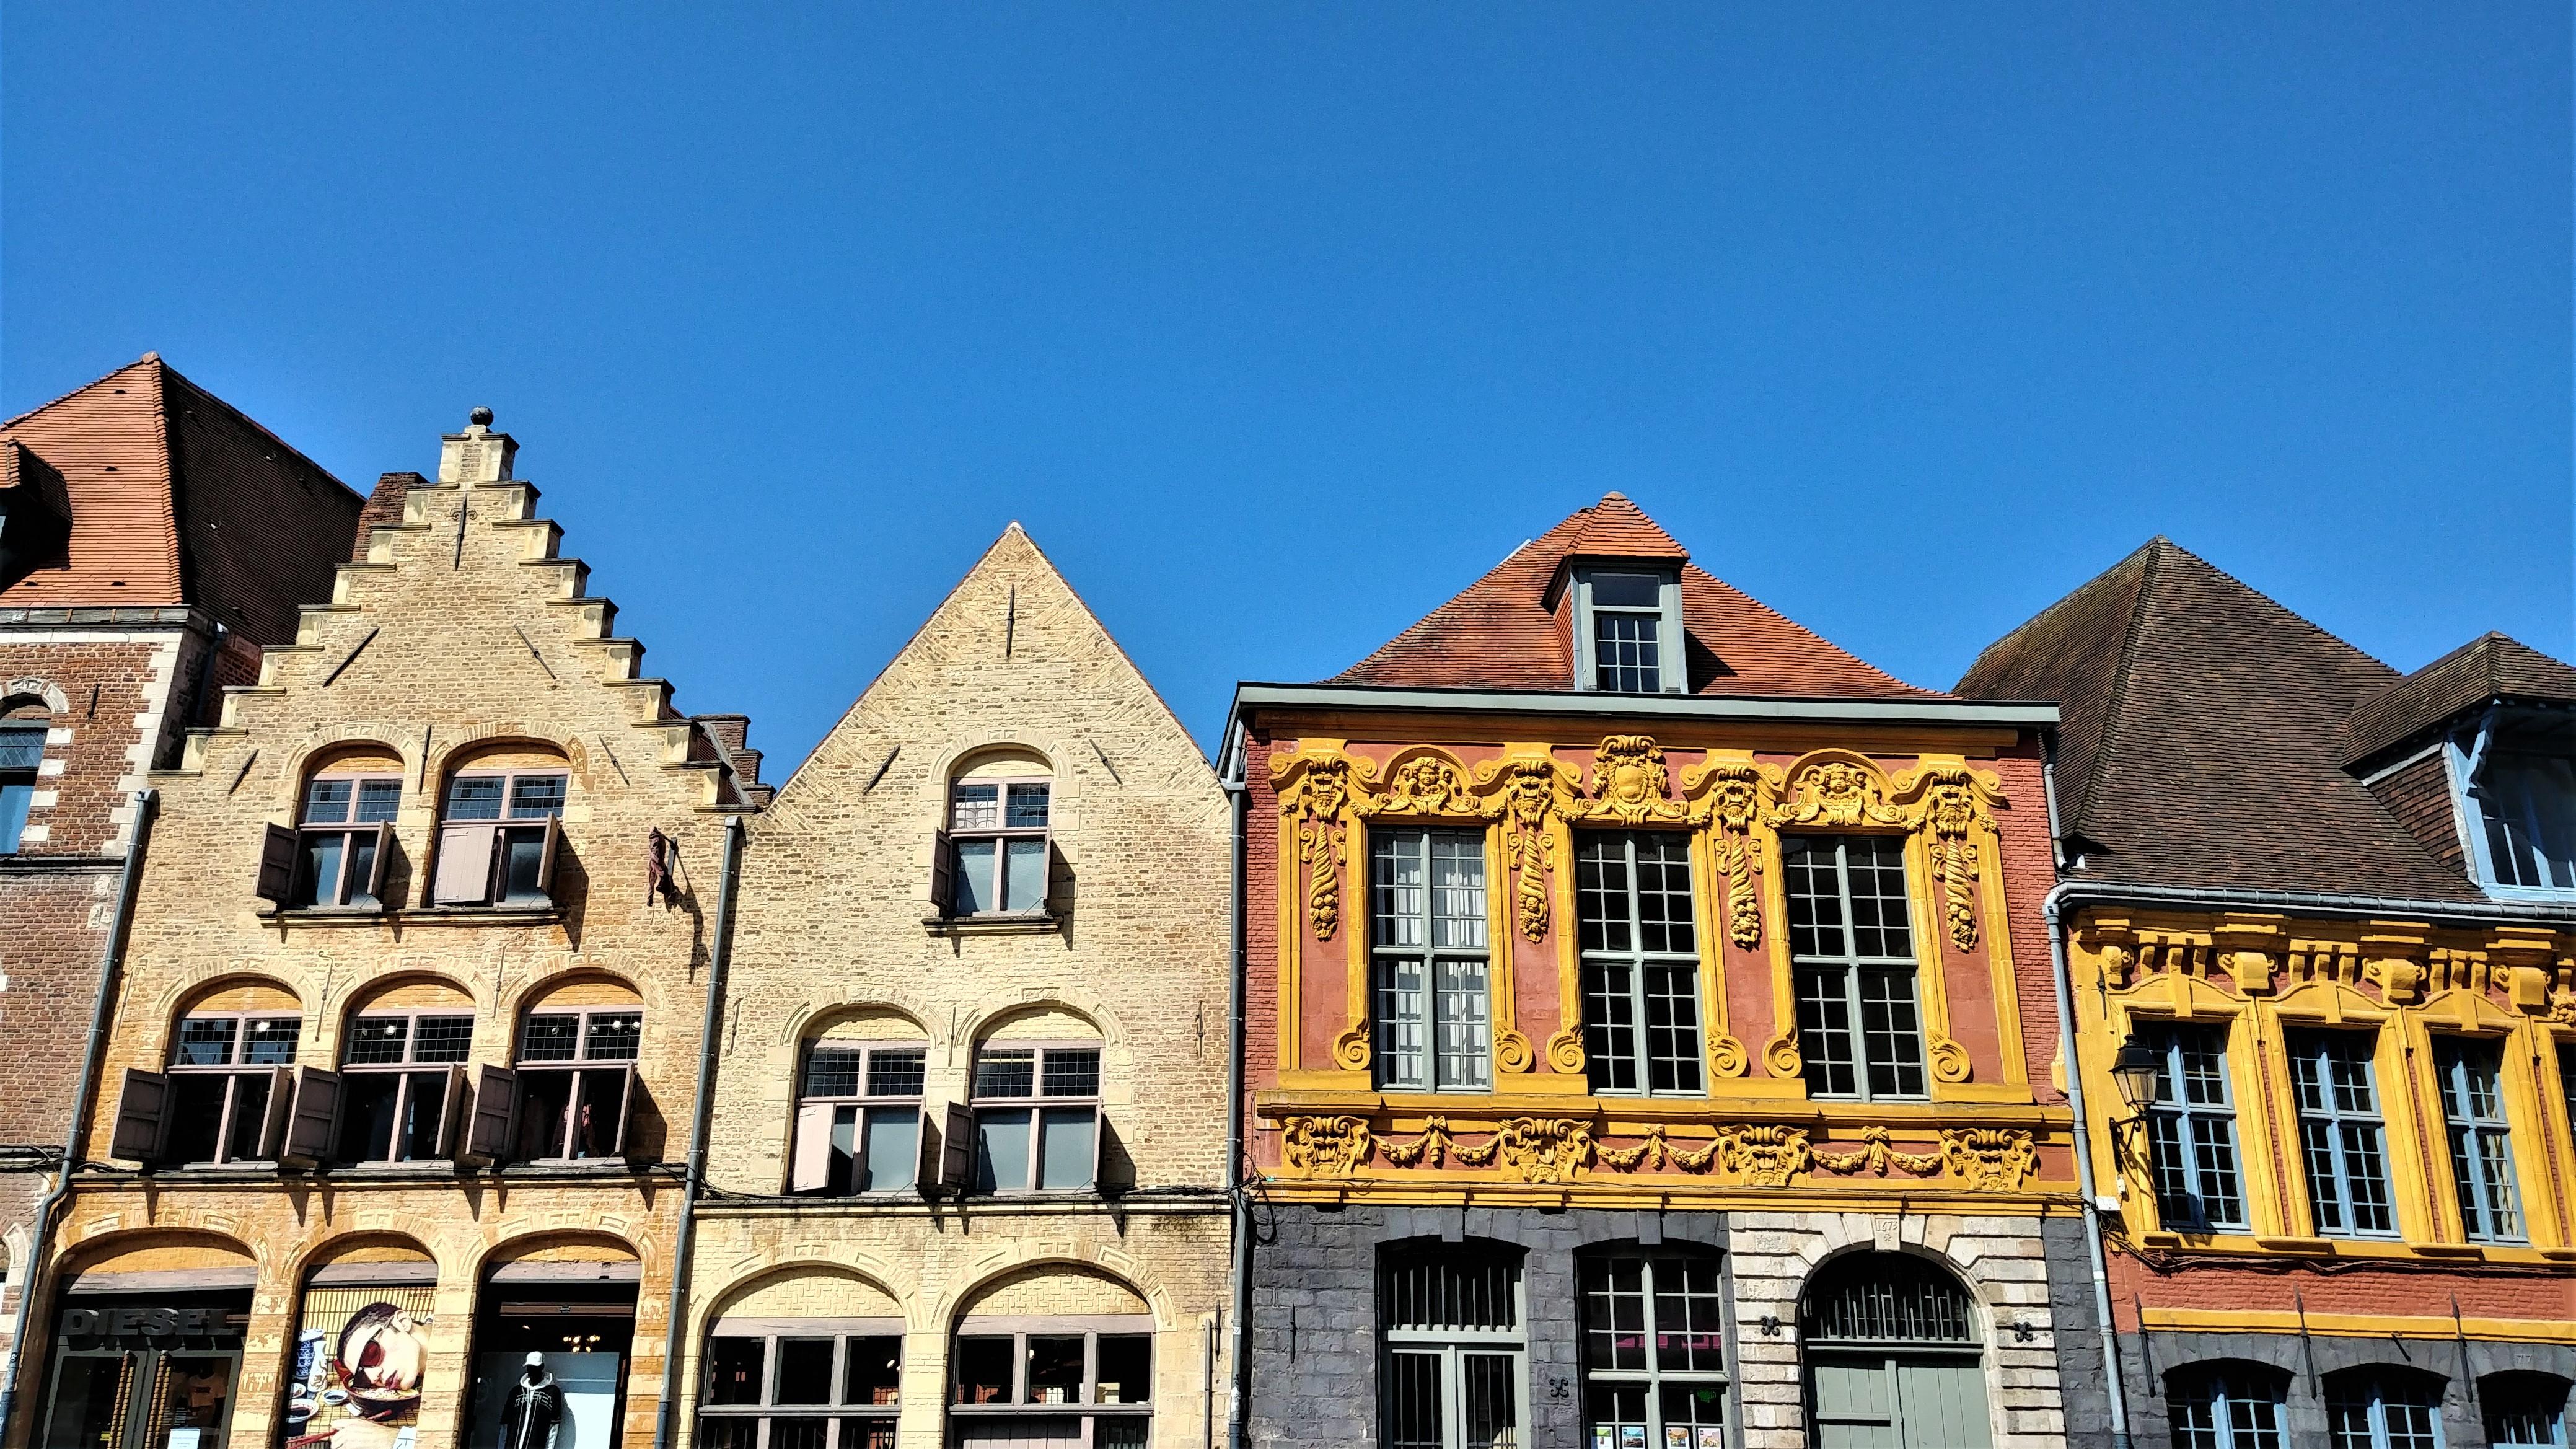 vieux lille facades que voir musee itineraire escapade france blog voyage arpenter le chemin